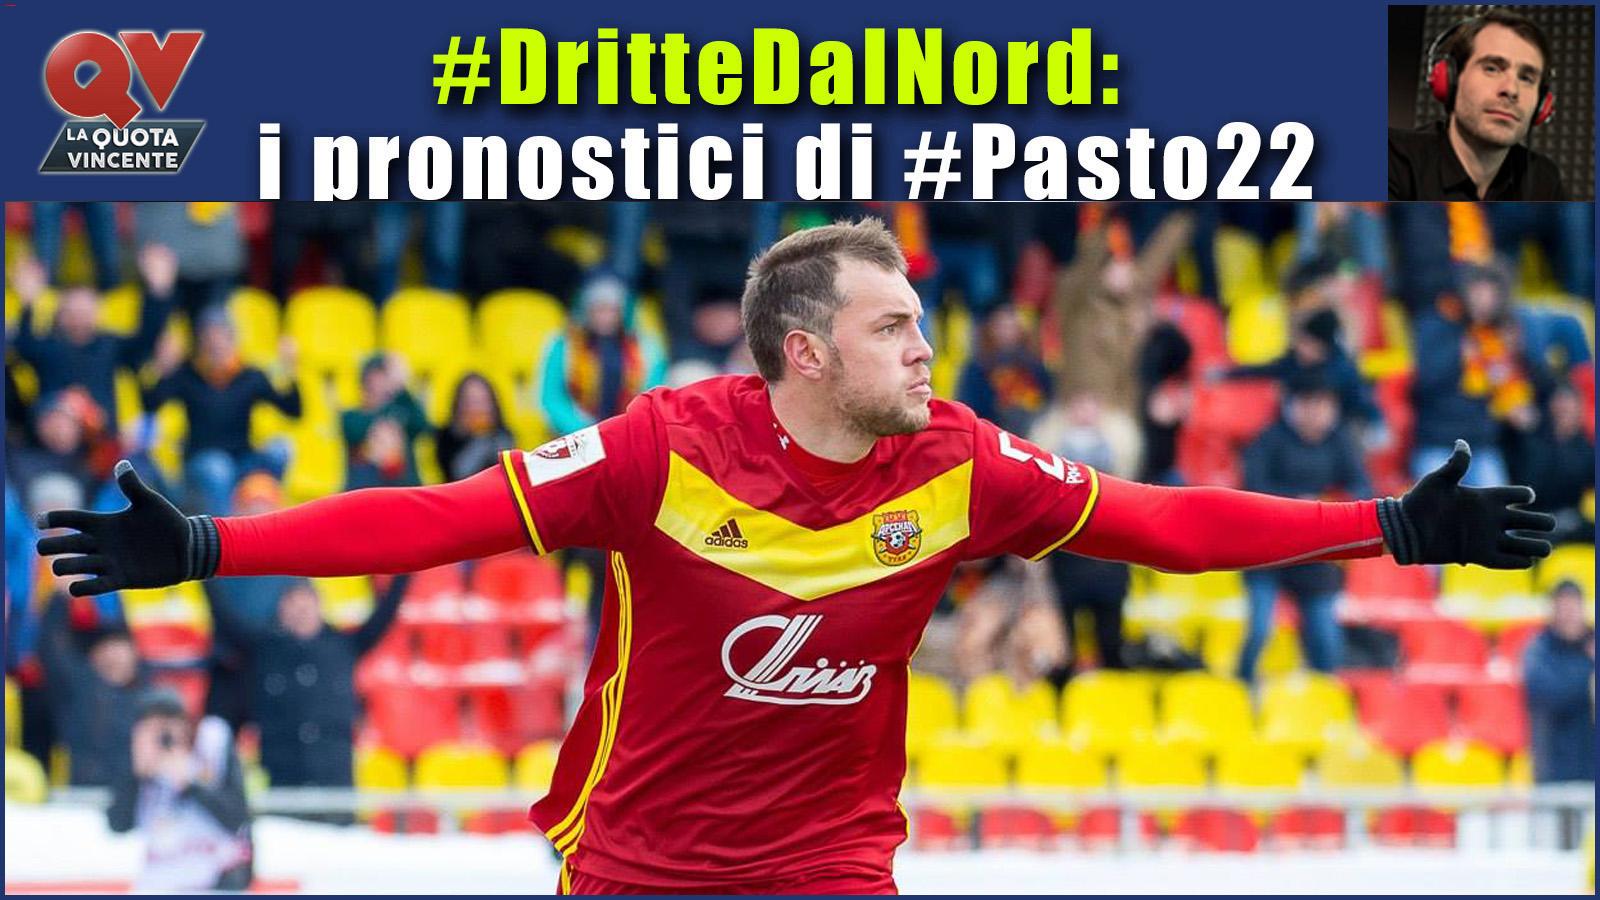 Pronostici Dritte dal Nord 21-23 aprile: le dritte di #Pasto22 tra Russia, Svezia e Danimarca